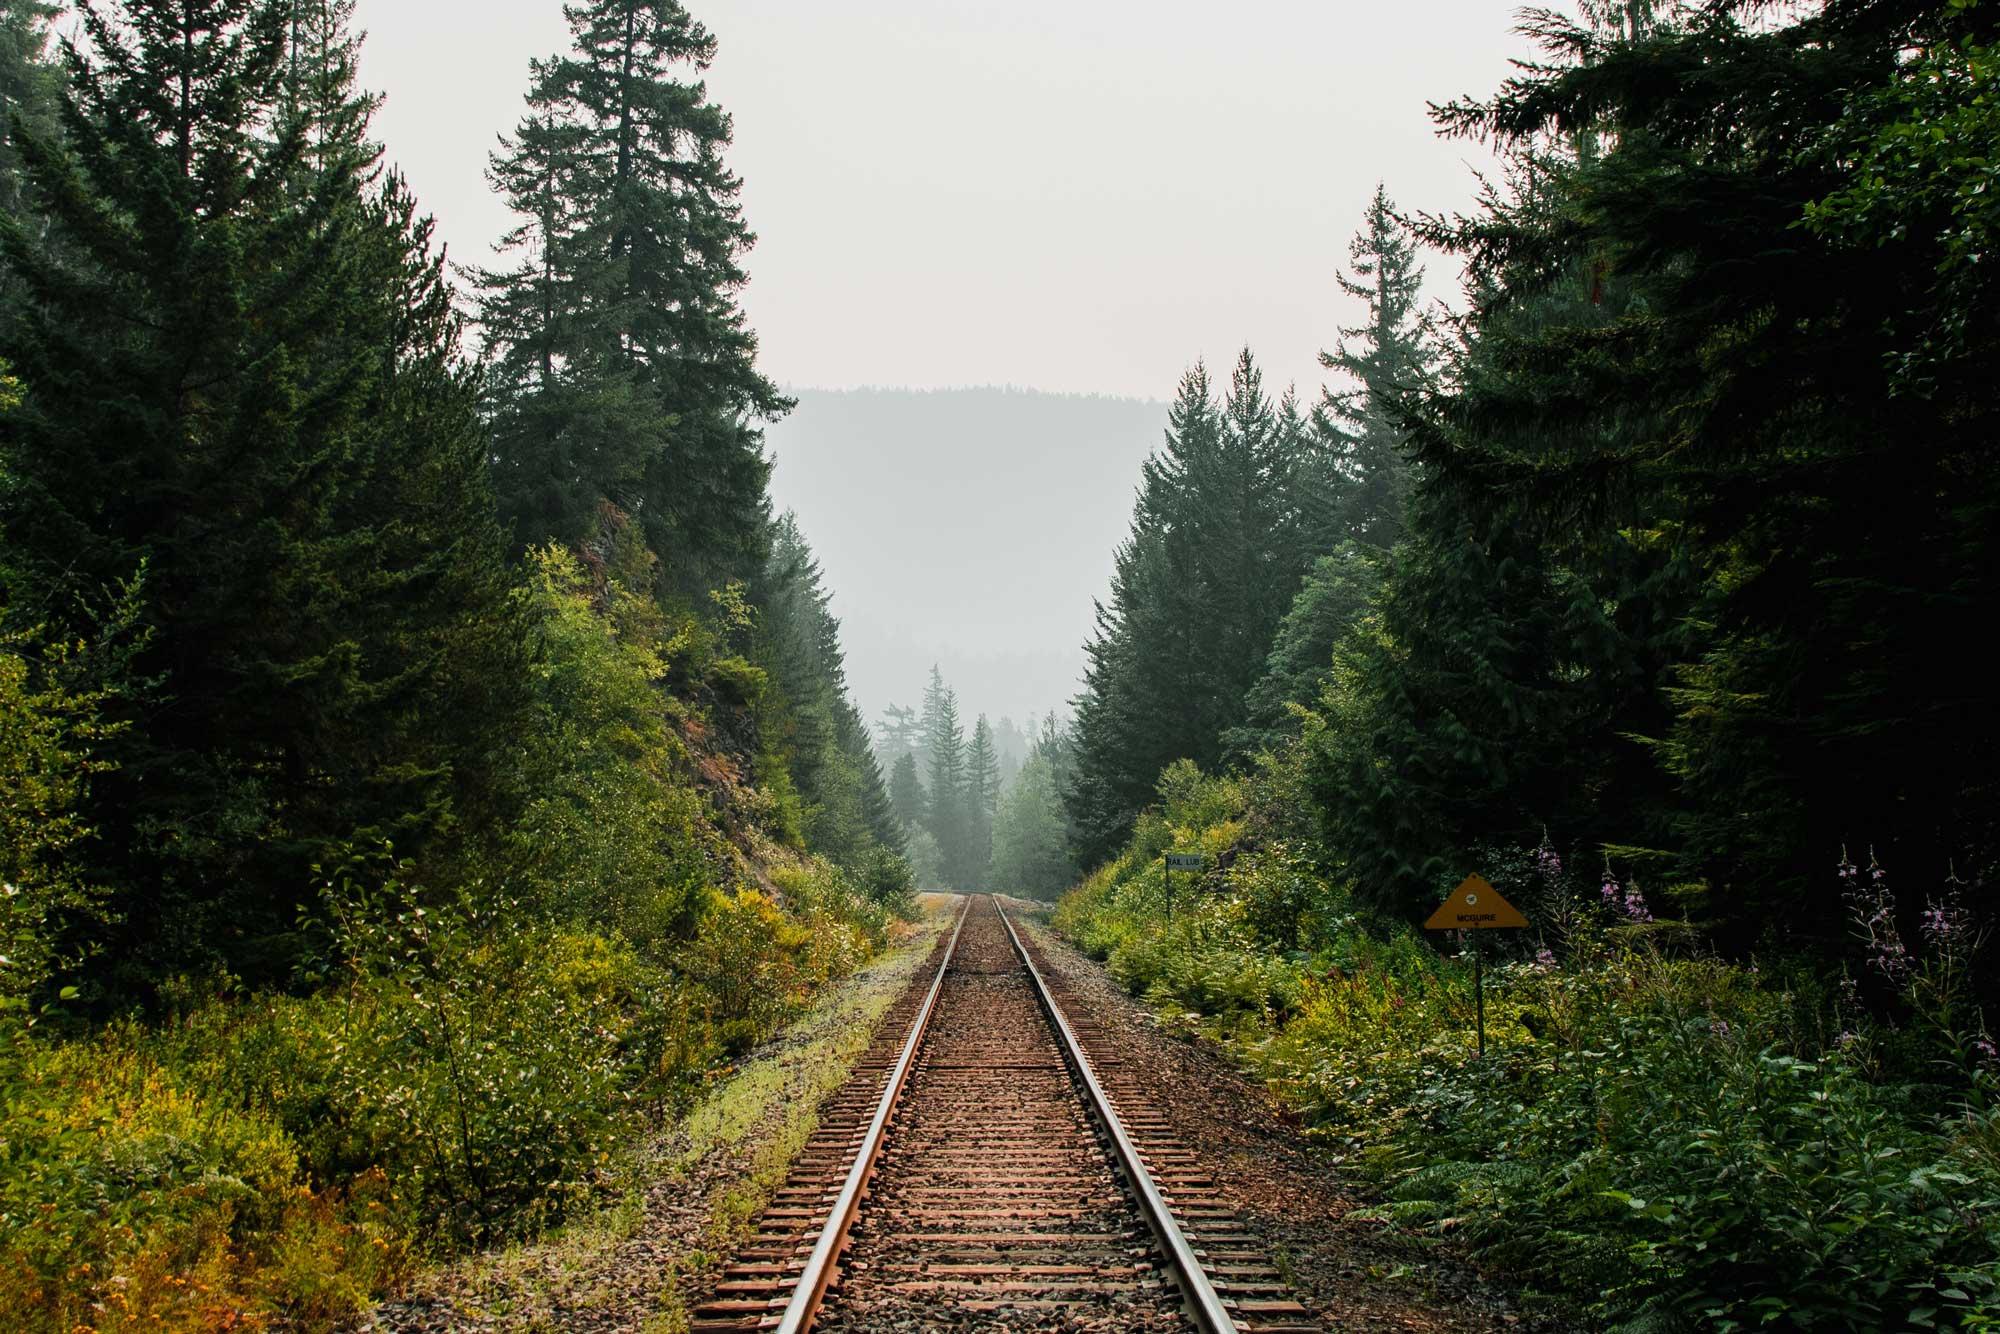 Bahnschiene zwischen Bäumen